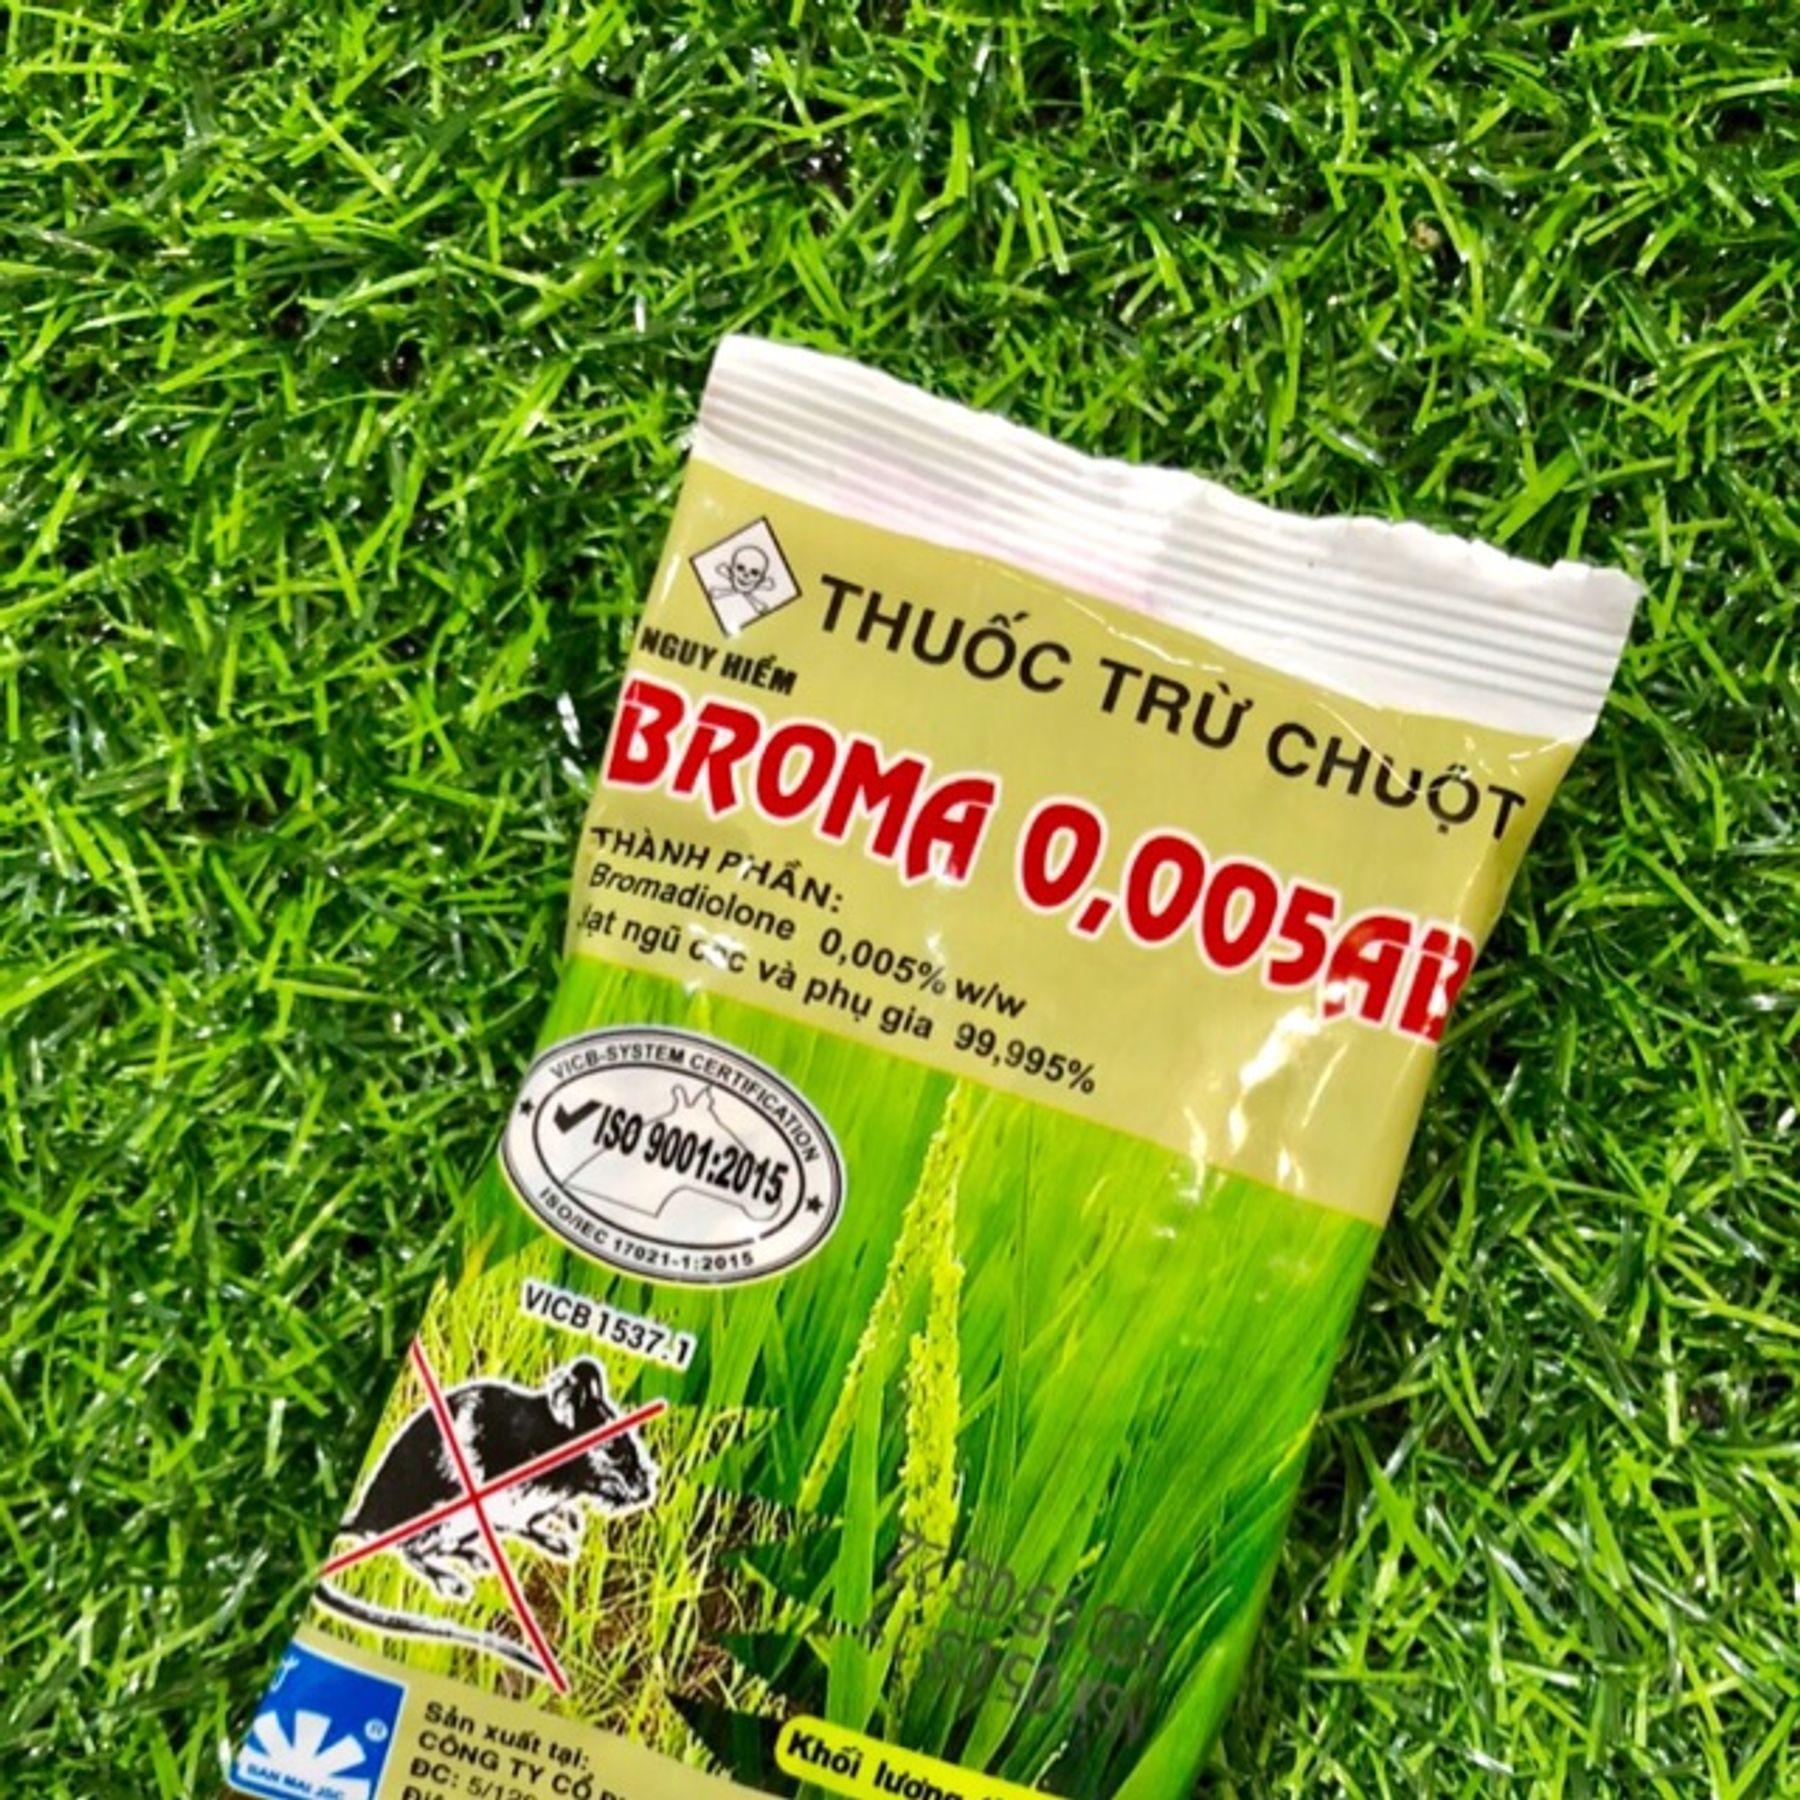 Thuốc diệt chuột sinh học Broma 0.005 ab